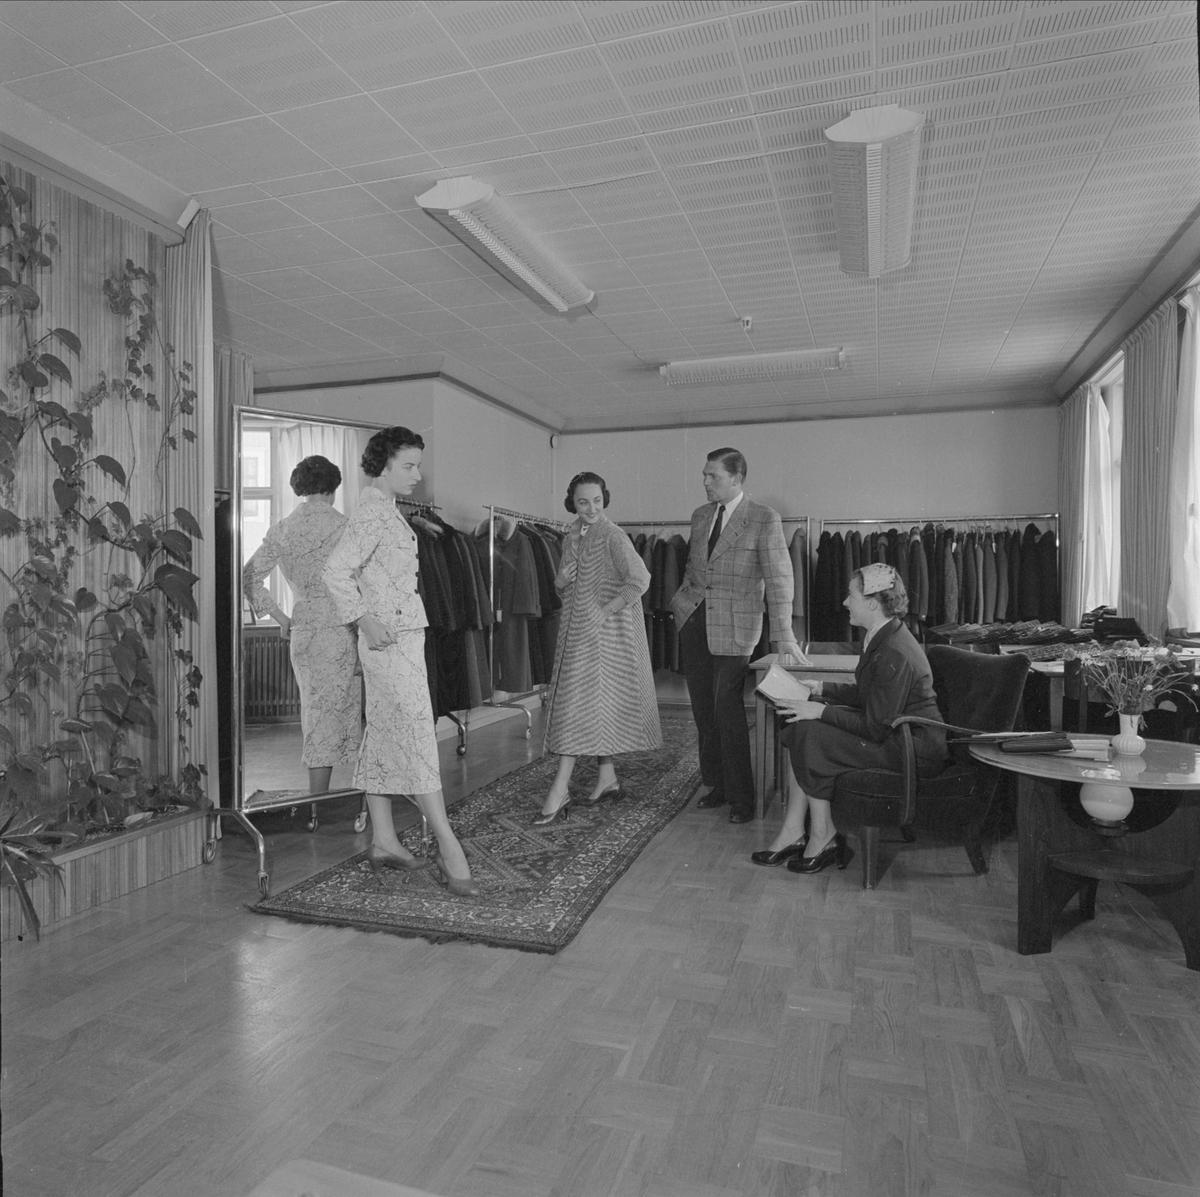 Textilindustri - visning av kläder, sannolikt Uppsala